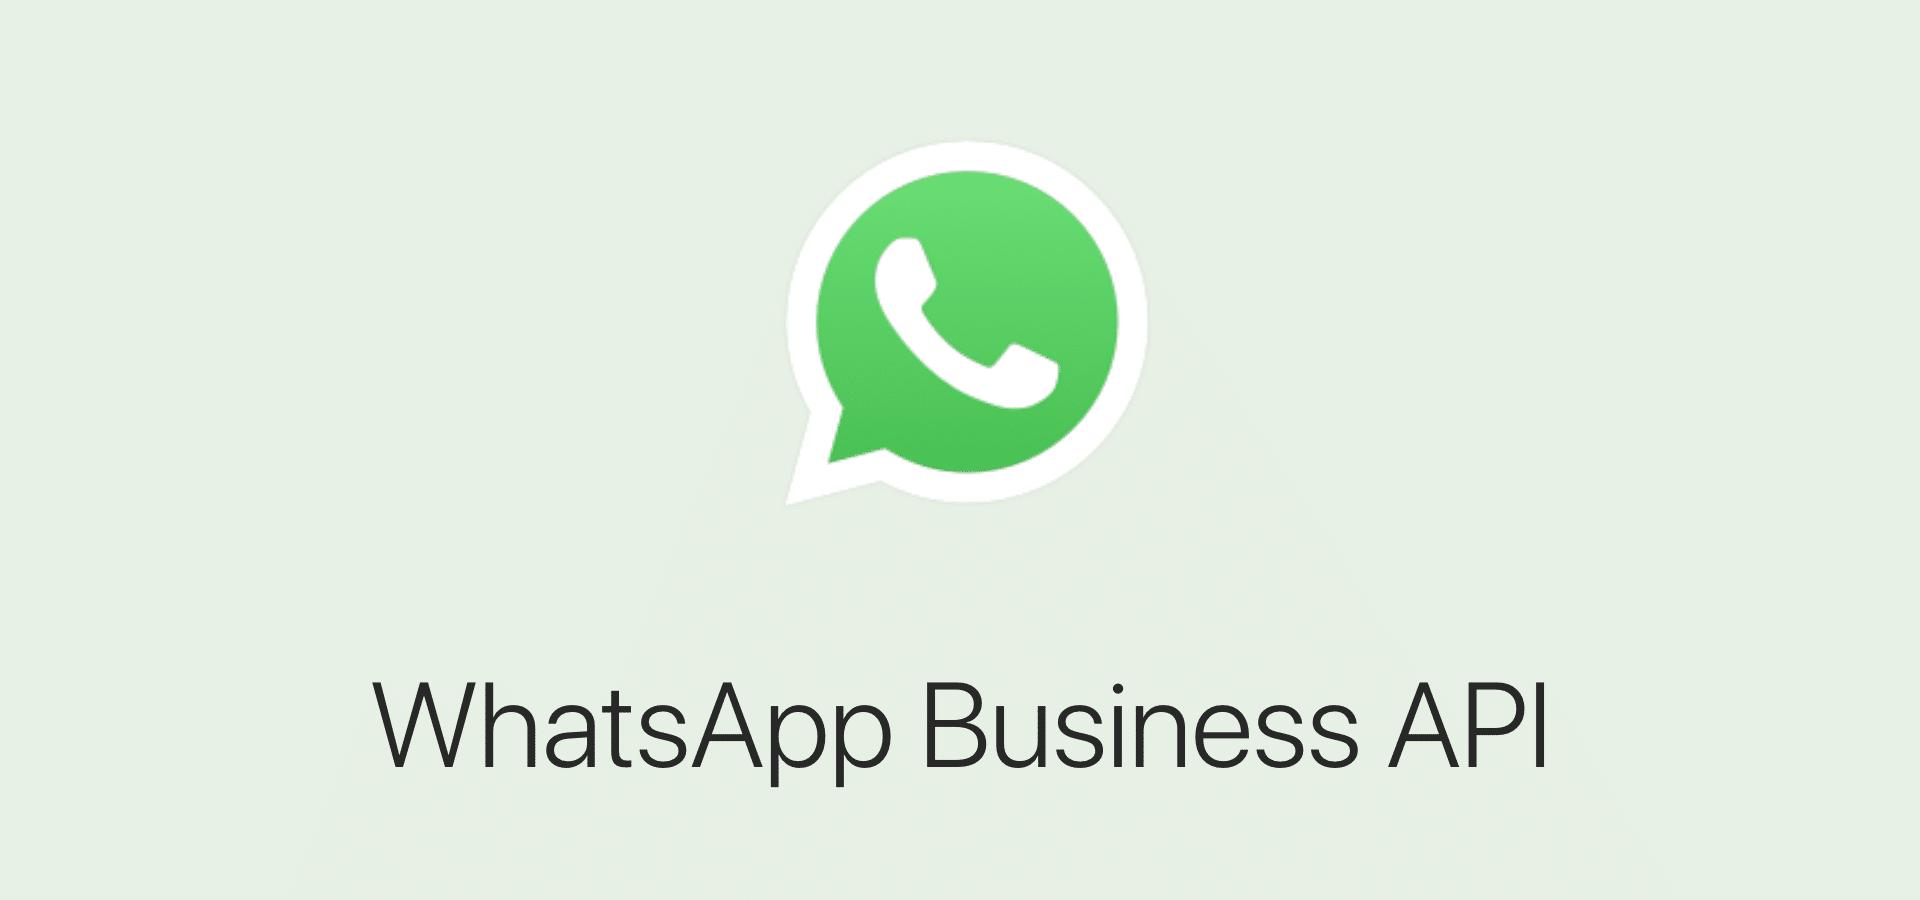 WhatsApp BusinessAPI